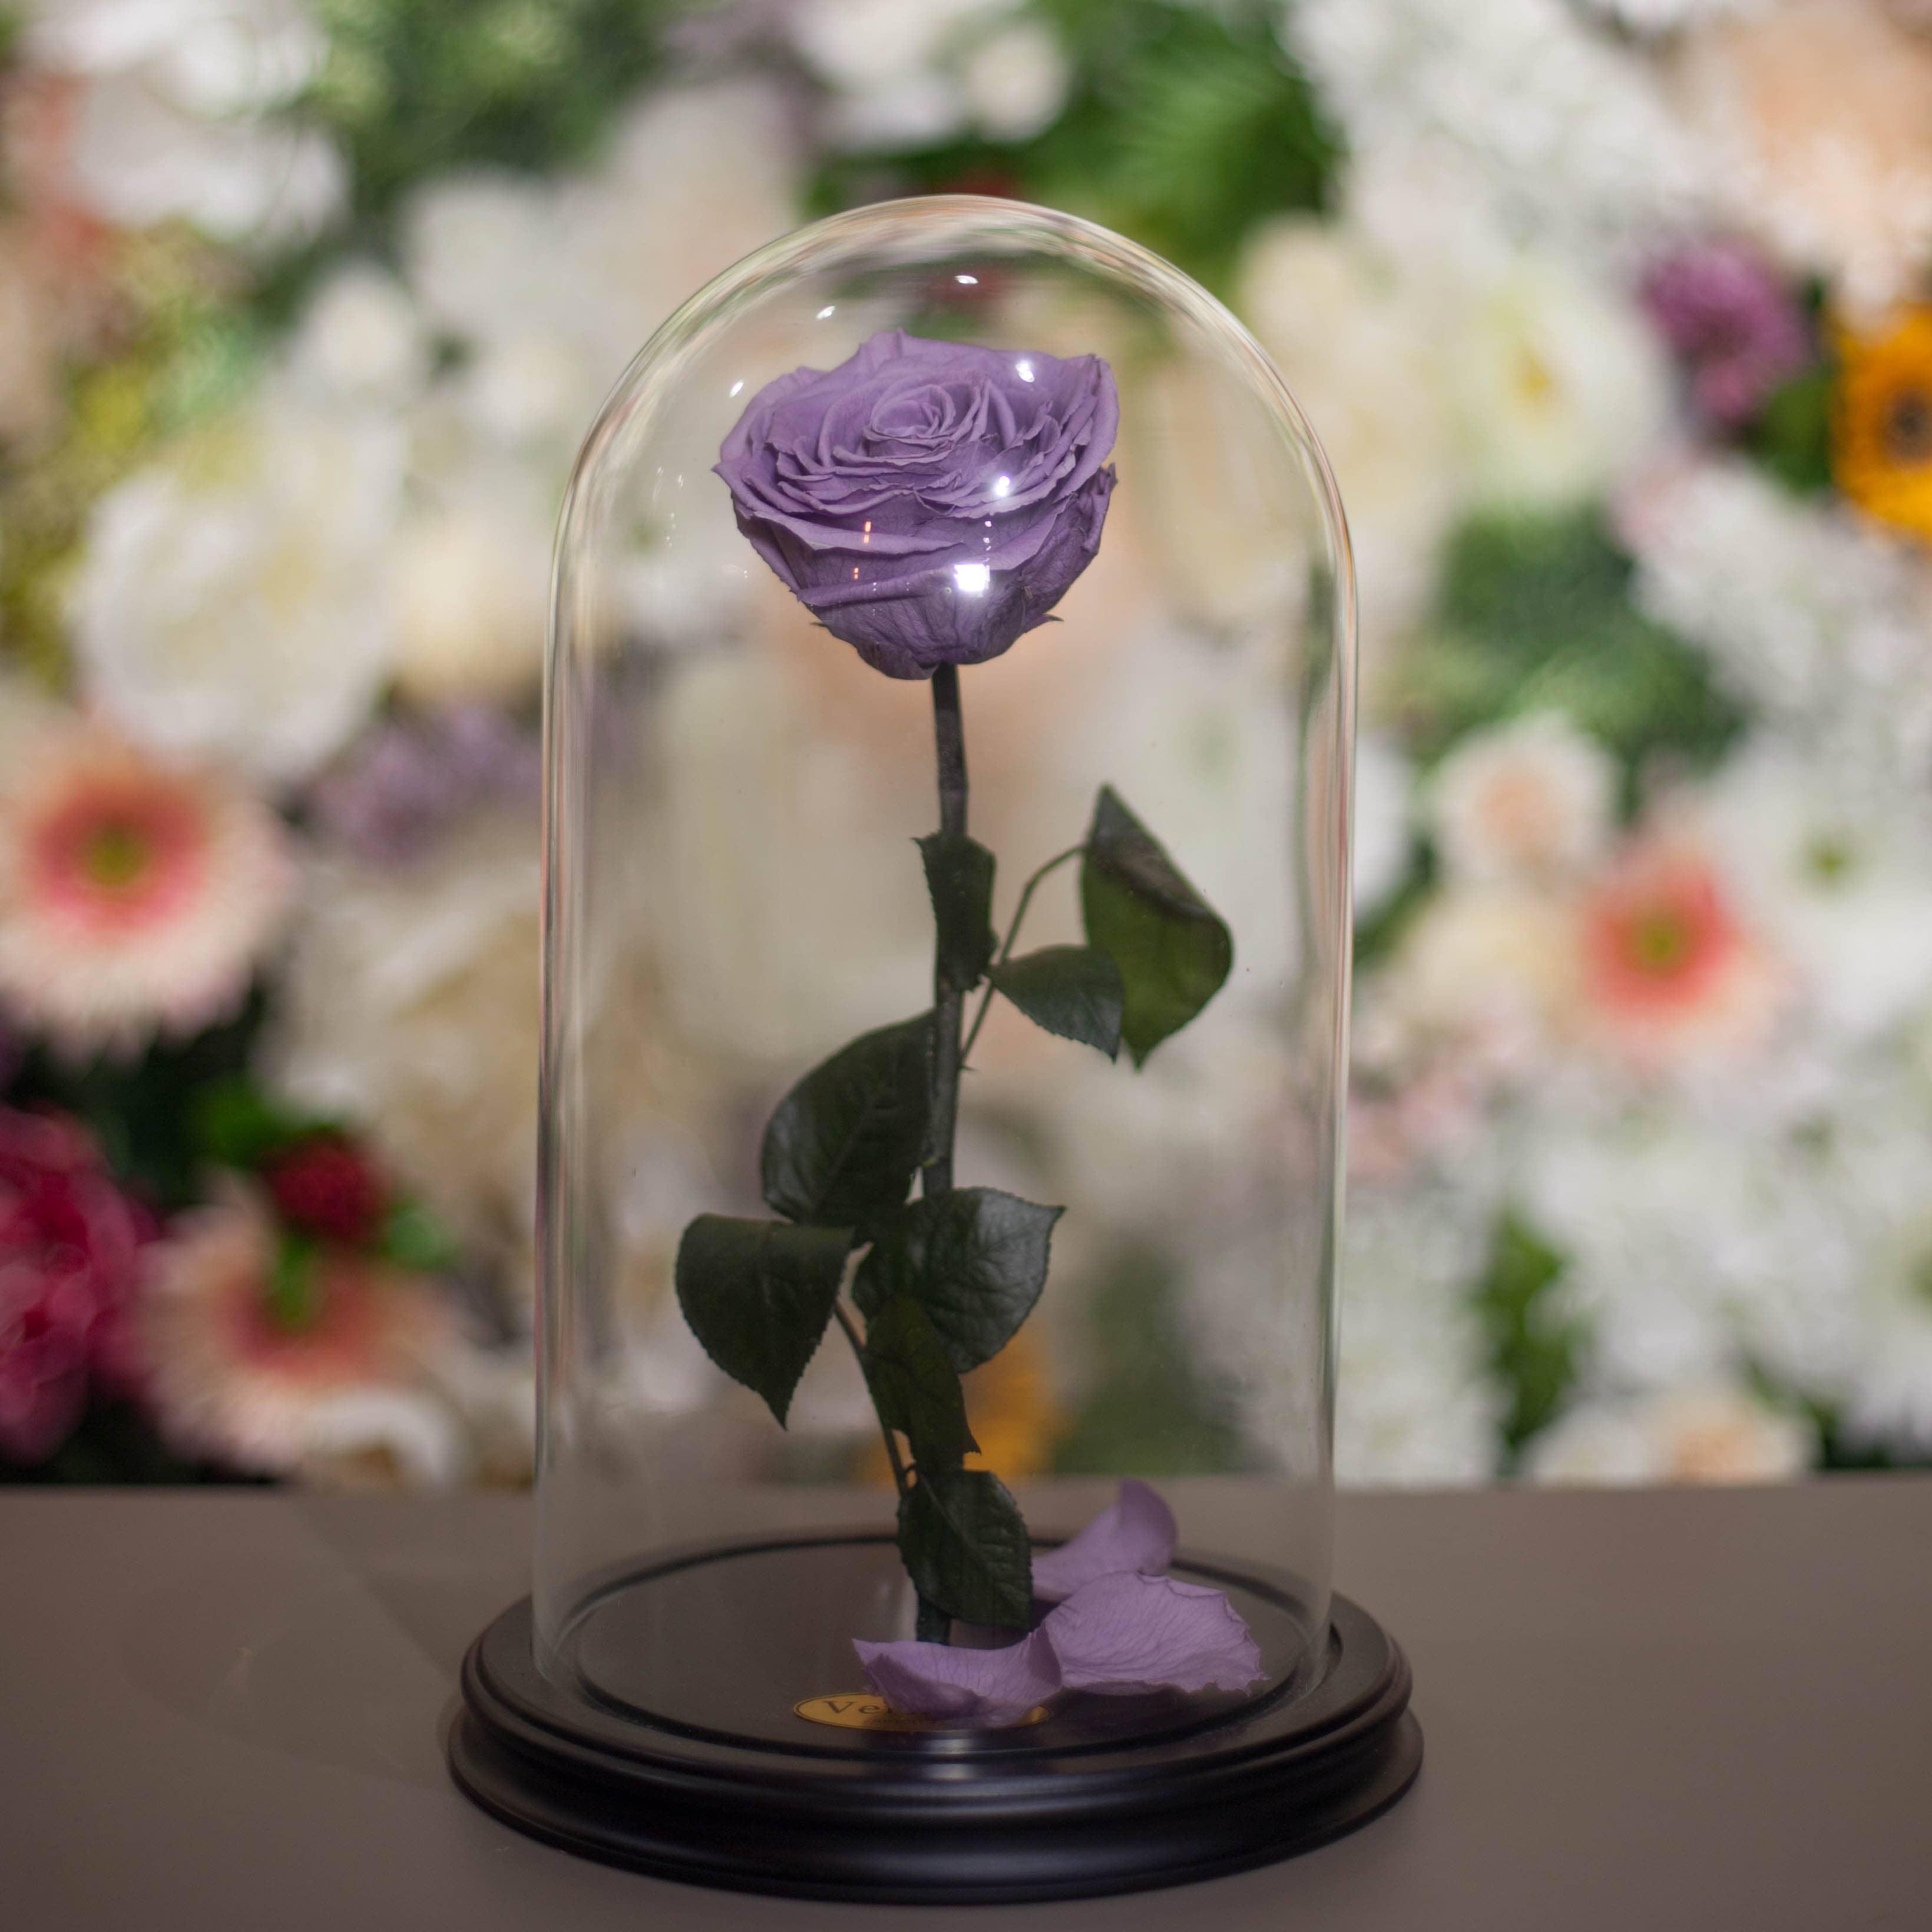 Роза в Колбе H31 * D18 Лайт виолет (сиреневая) фото